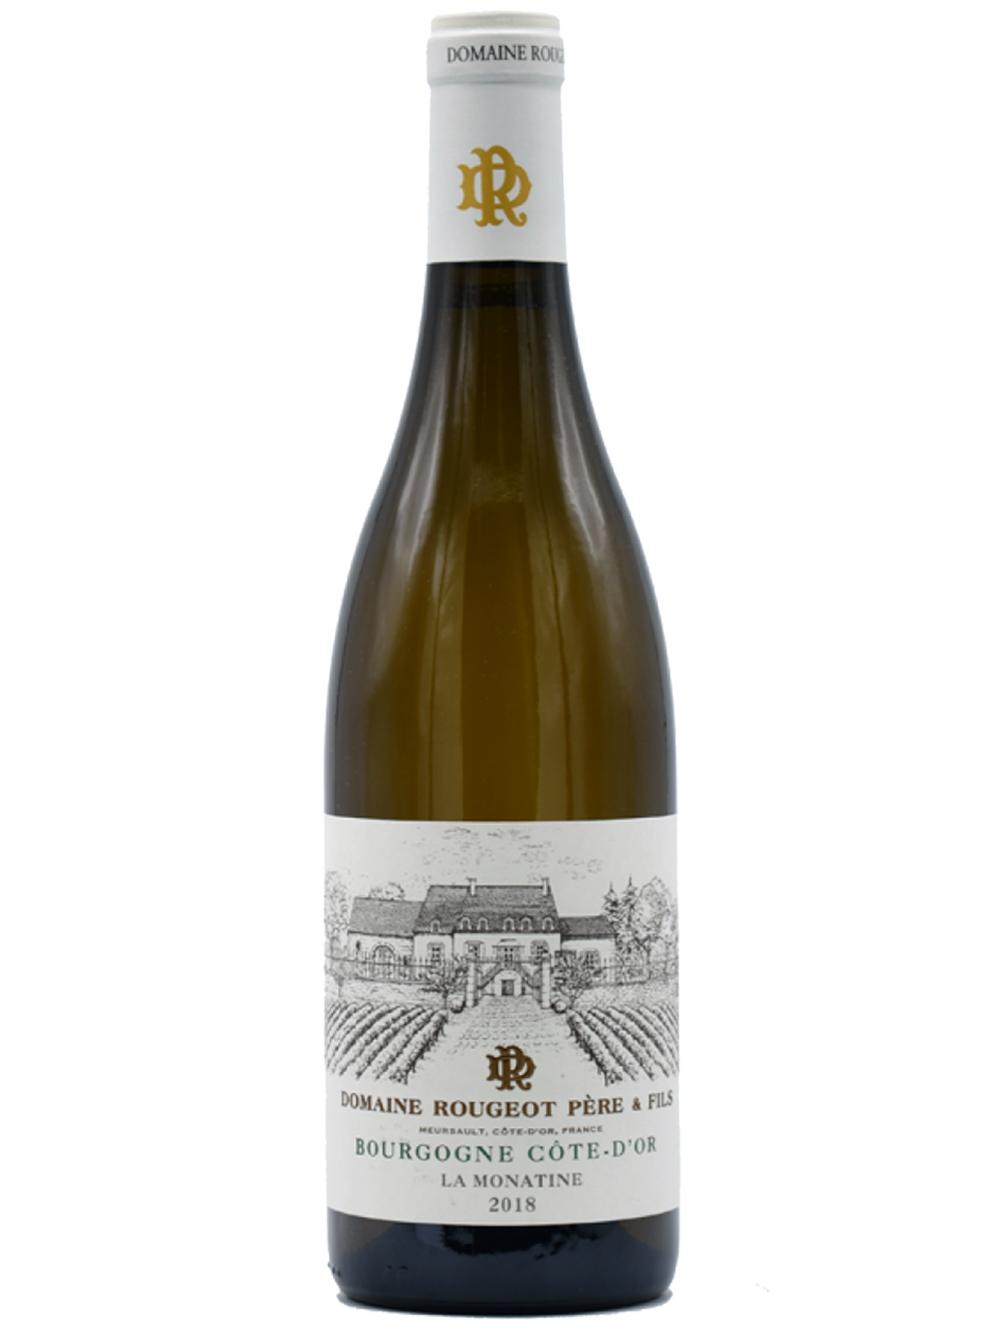 Bourgogne Côte d'Or La Monatine